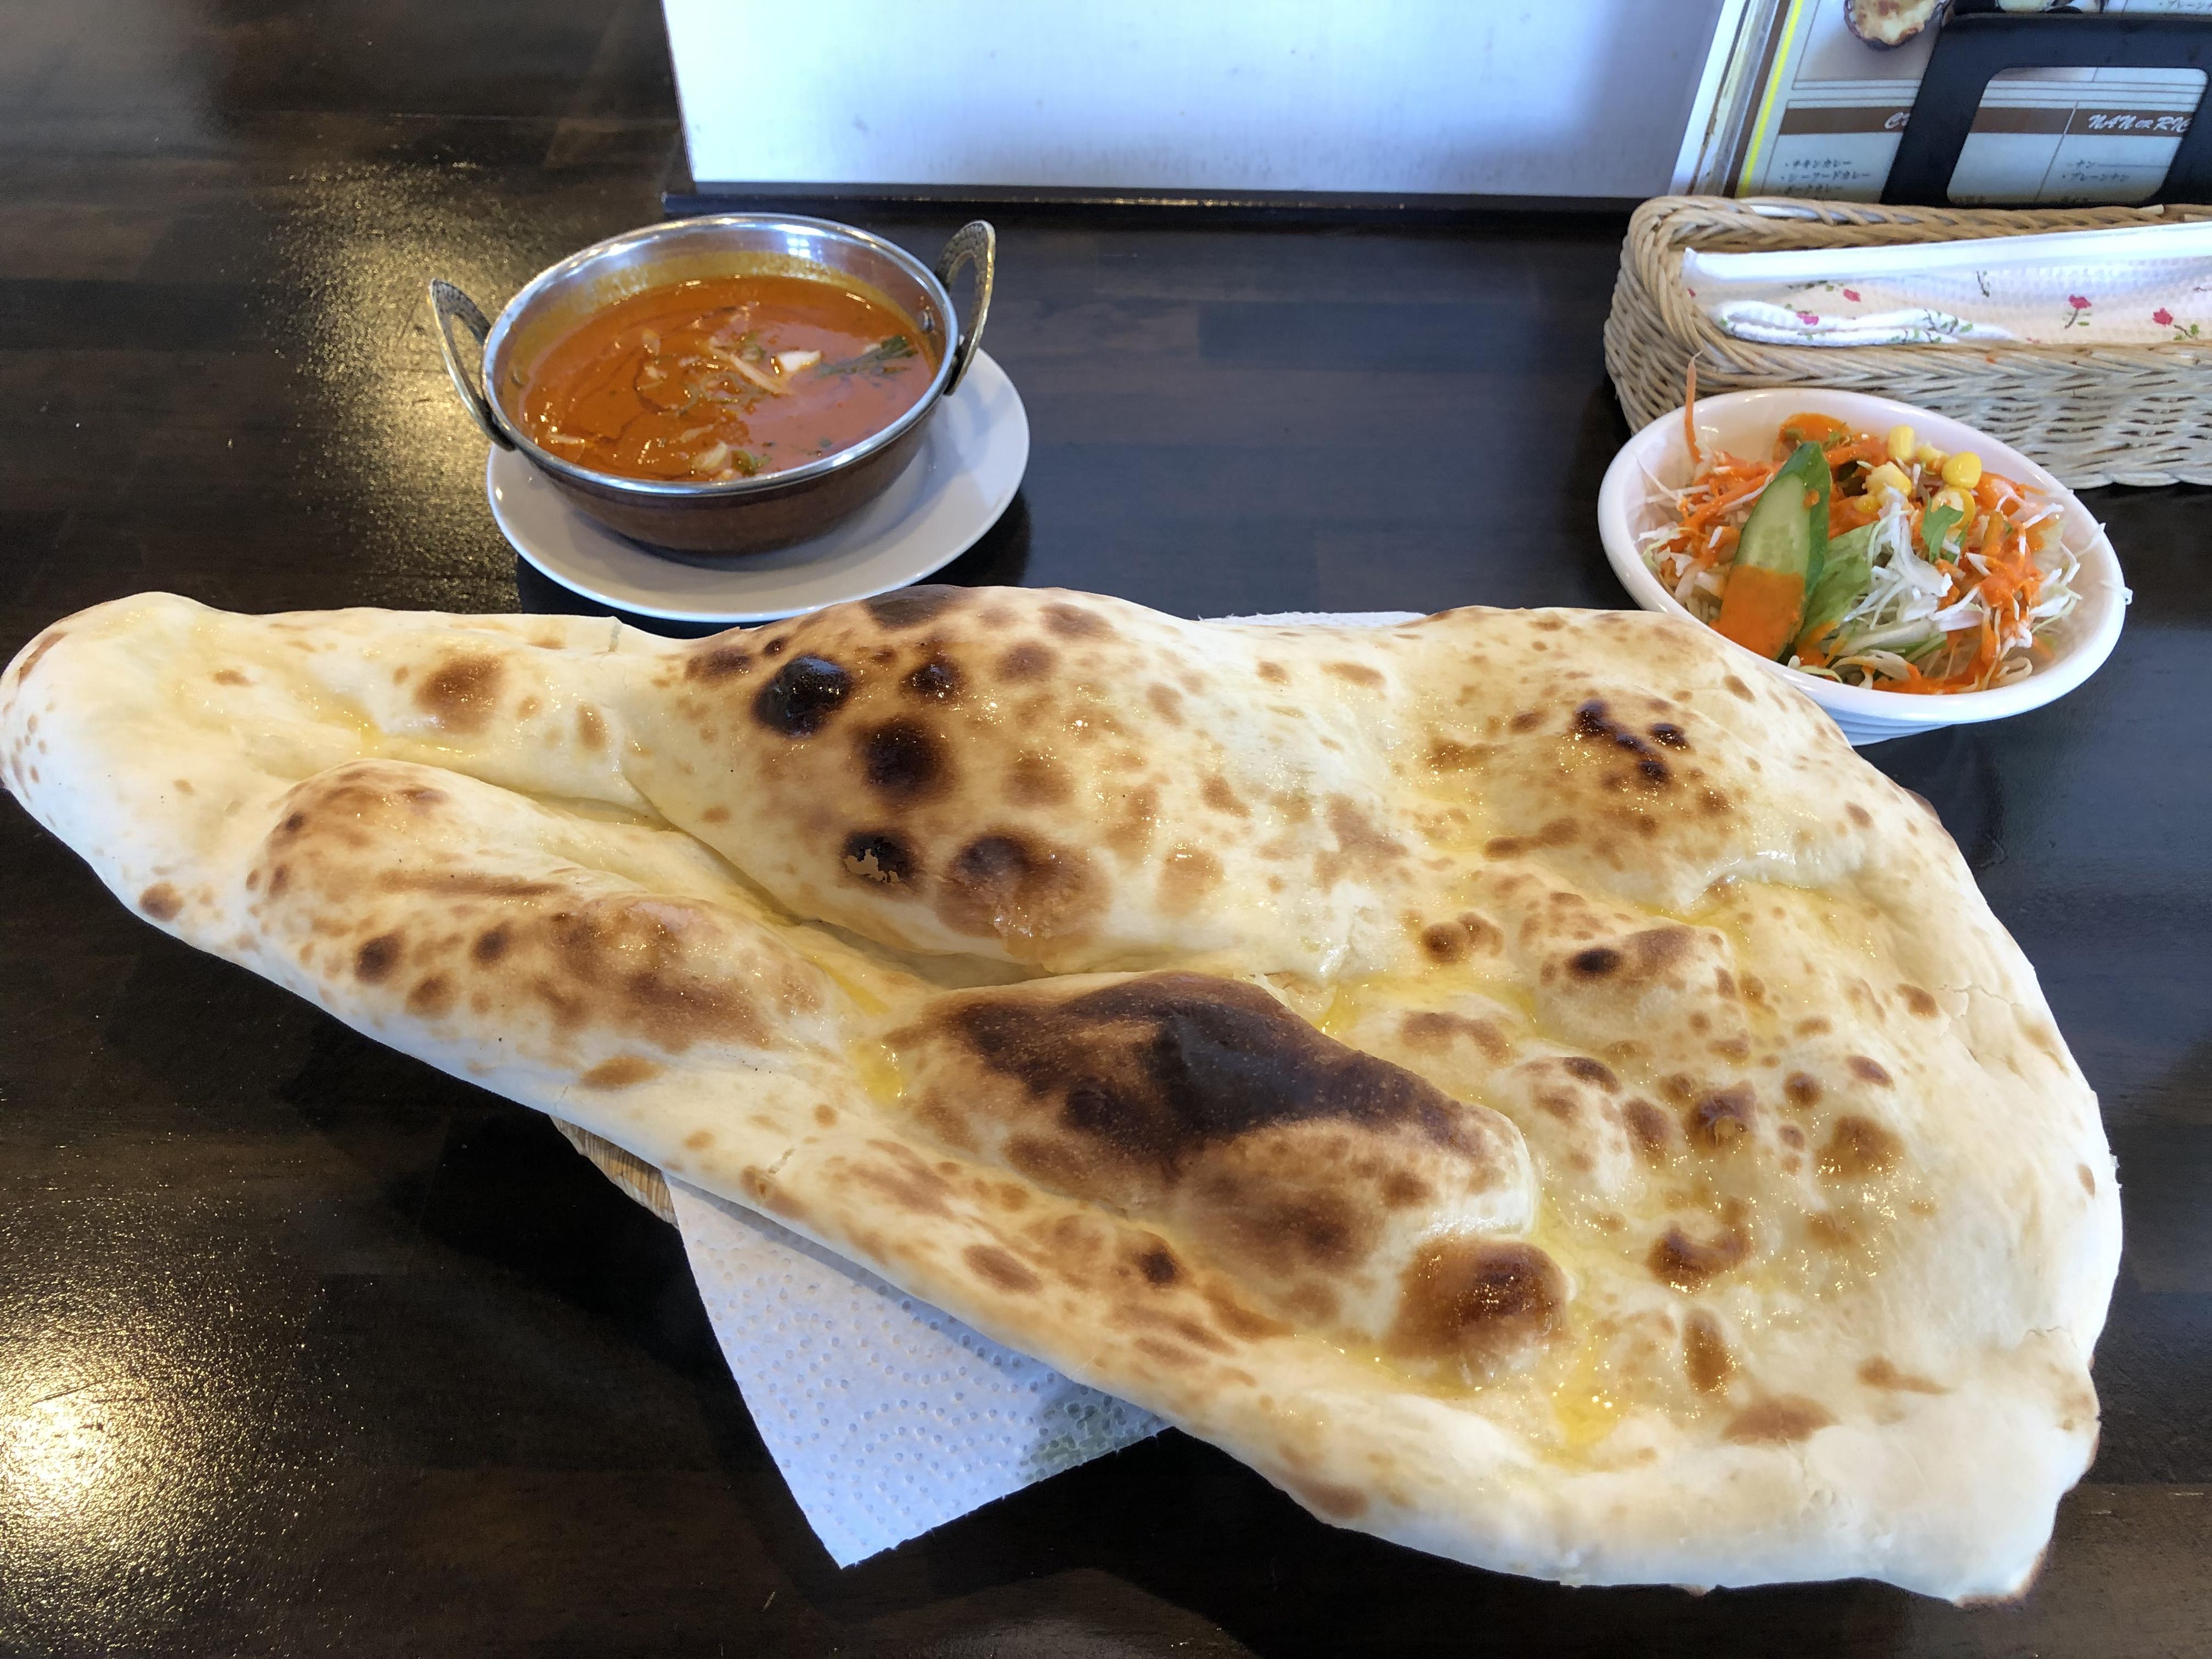 国道293沿いのインド・ネパールレストラン「カトマンズキッチン」、特大ナンとマトンカレーでカレーランチ